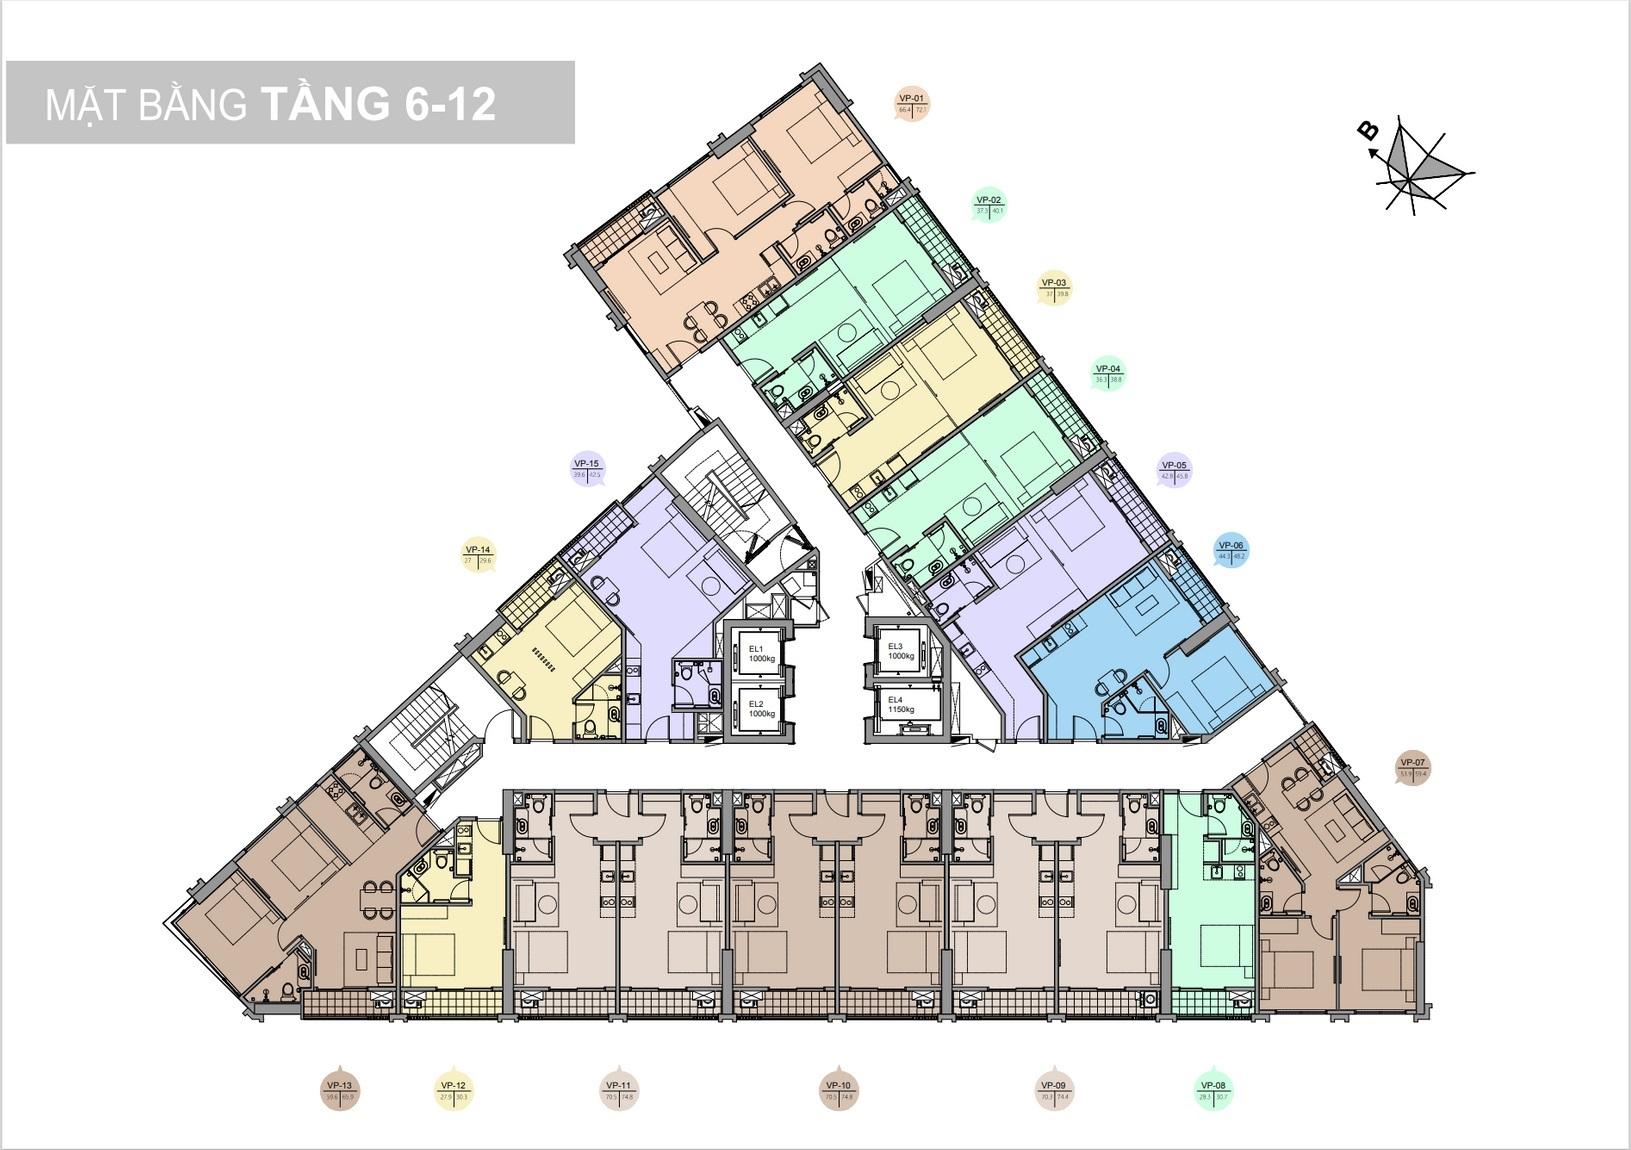 mặt bằng tầng 6-12 chung cư trinity tower 145 hồ mễ trì